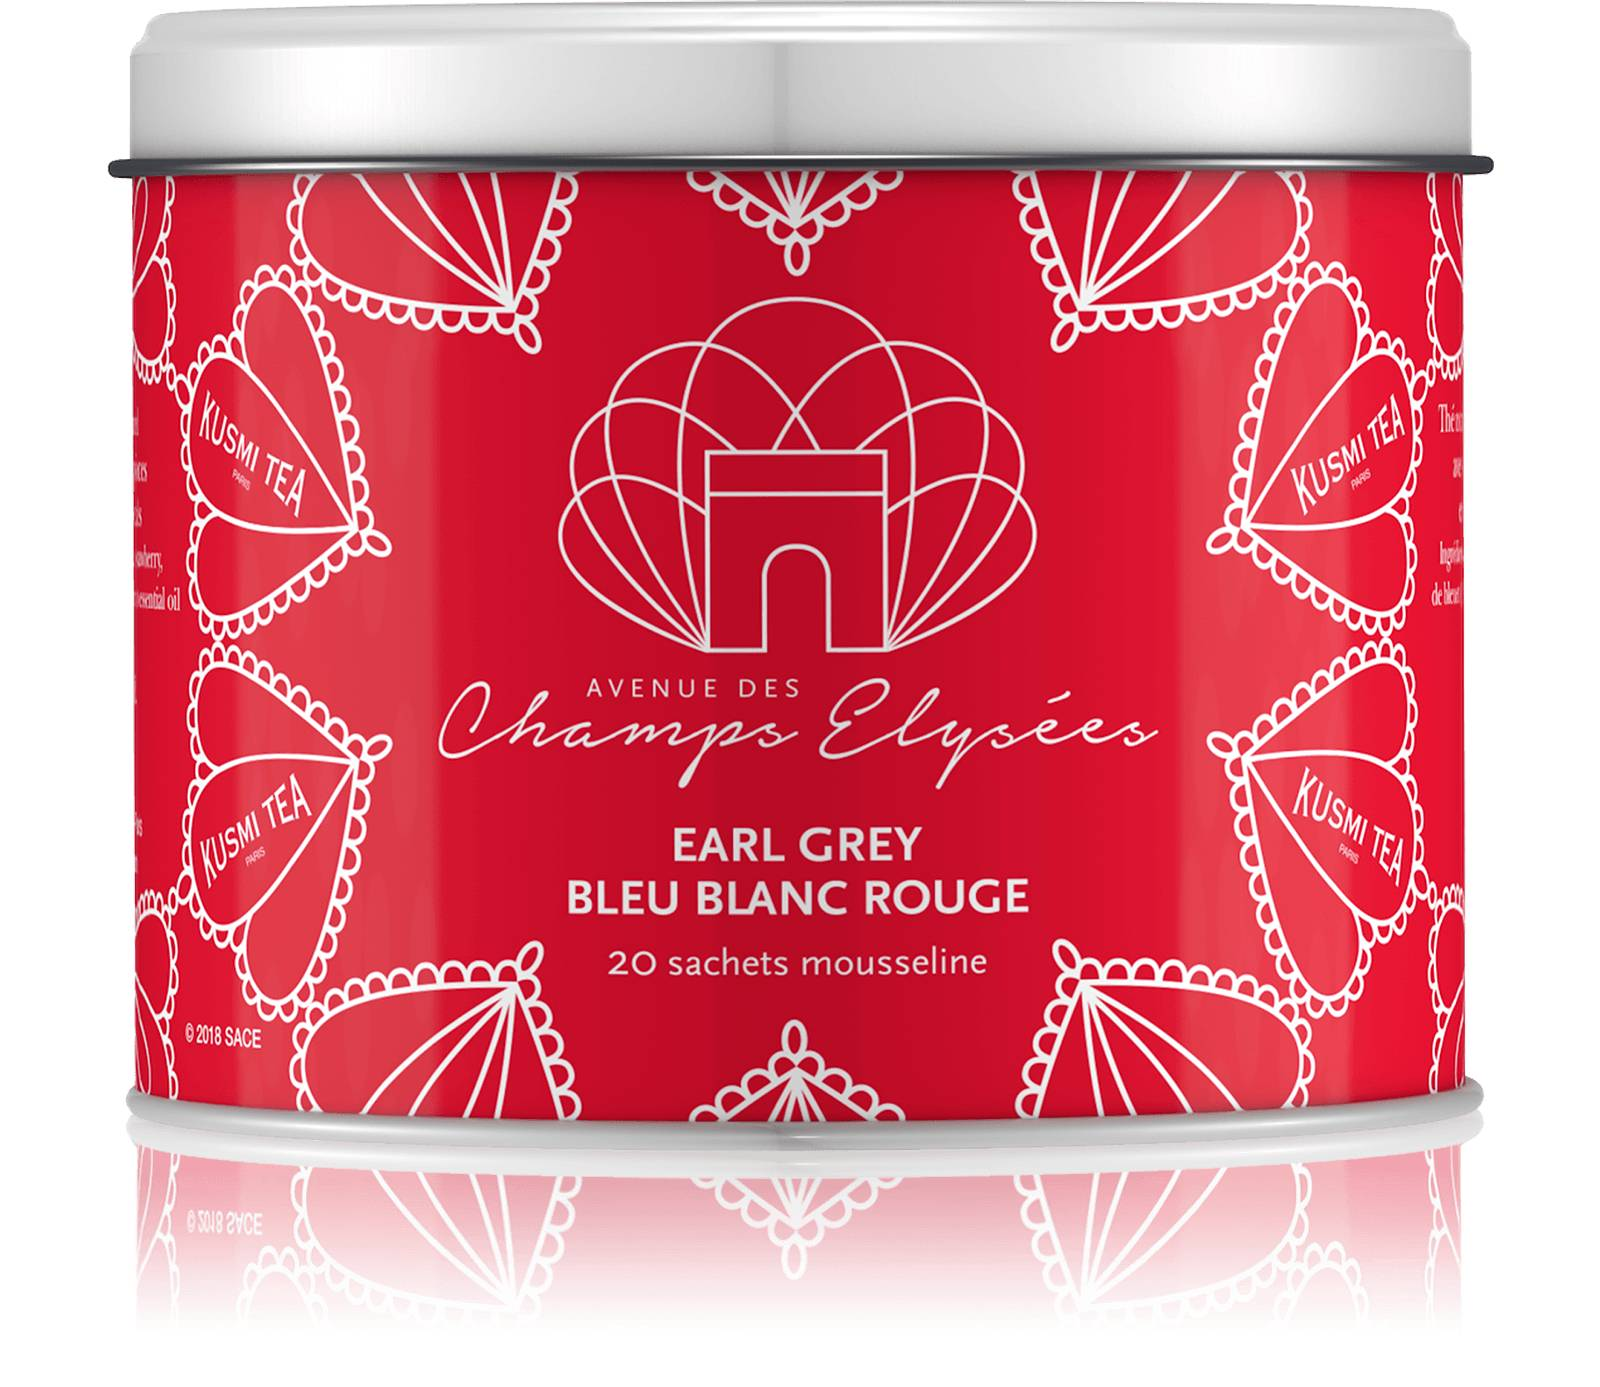 KUSMI TEA Earl Grey Bleu Blanc Rouge - Thé noir aromatisé à la bergamote avec des morceaux de fruits et des pétales de bleuet - Sachets de thé - Kusmi Tea